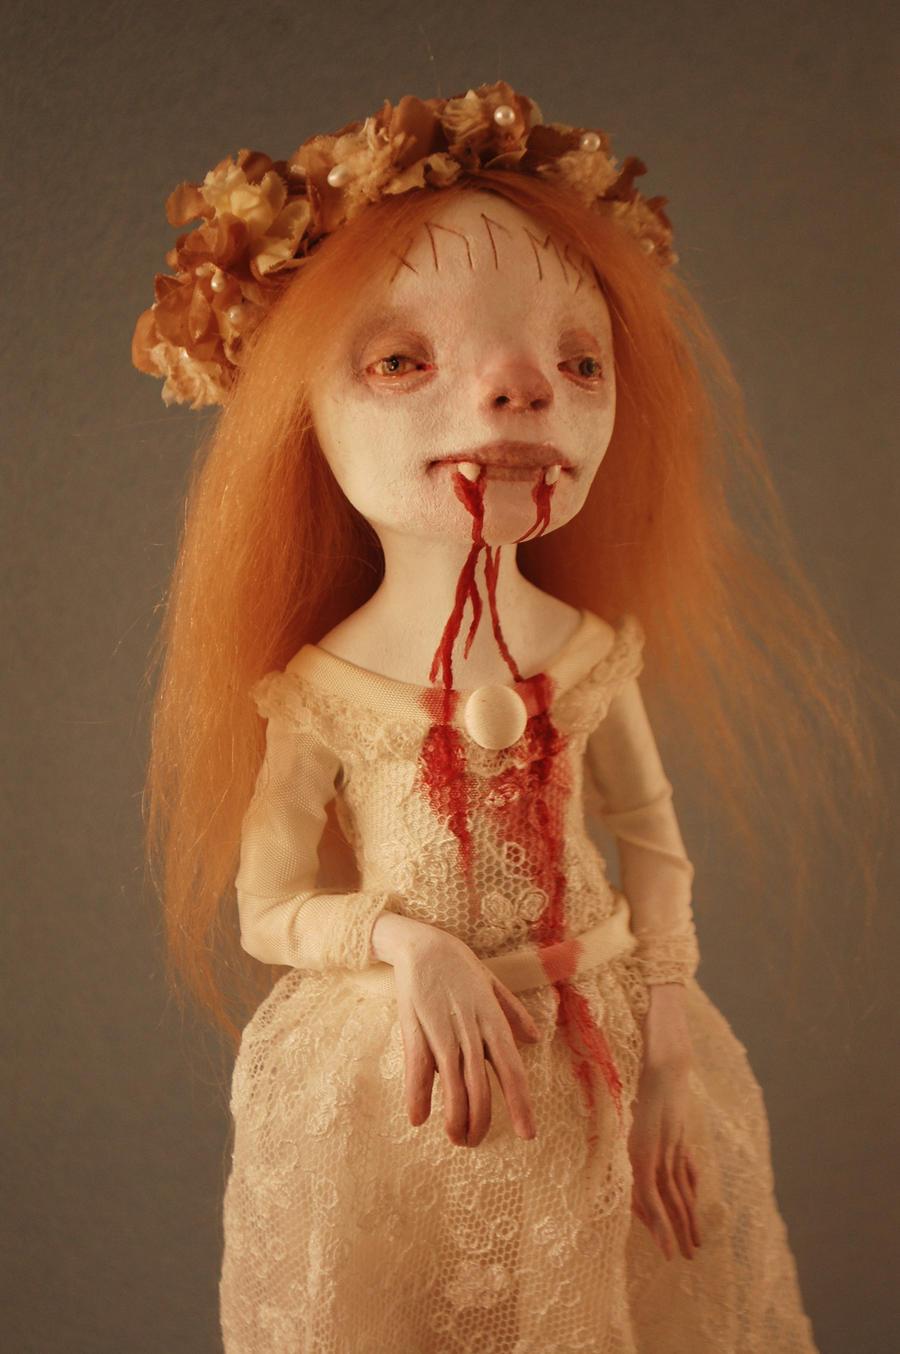 Elsbeth by Woodedwoods